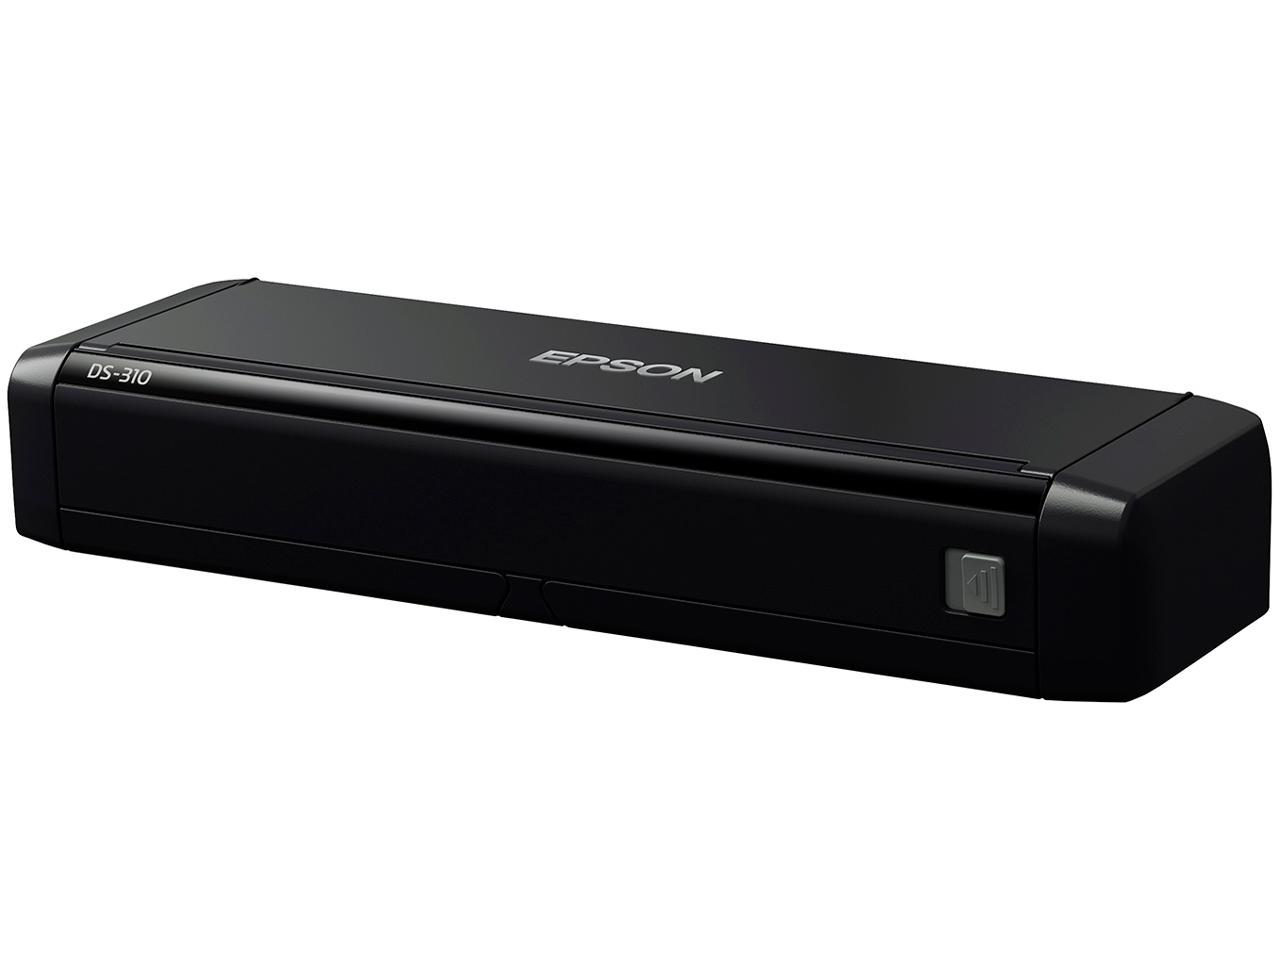 DS-310 の製品画像